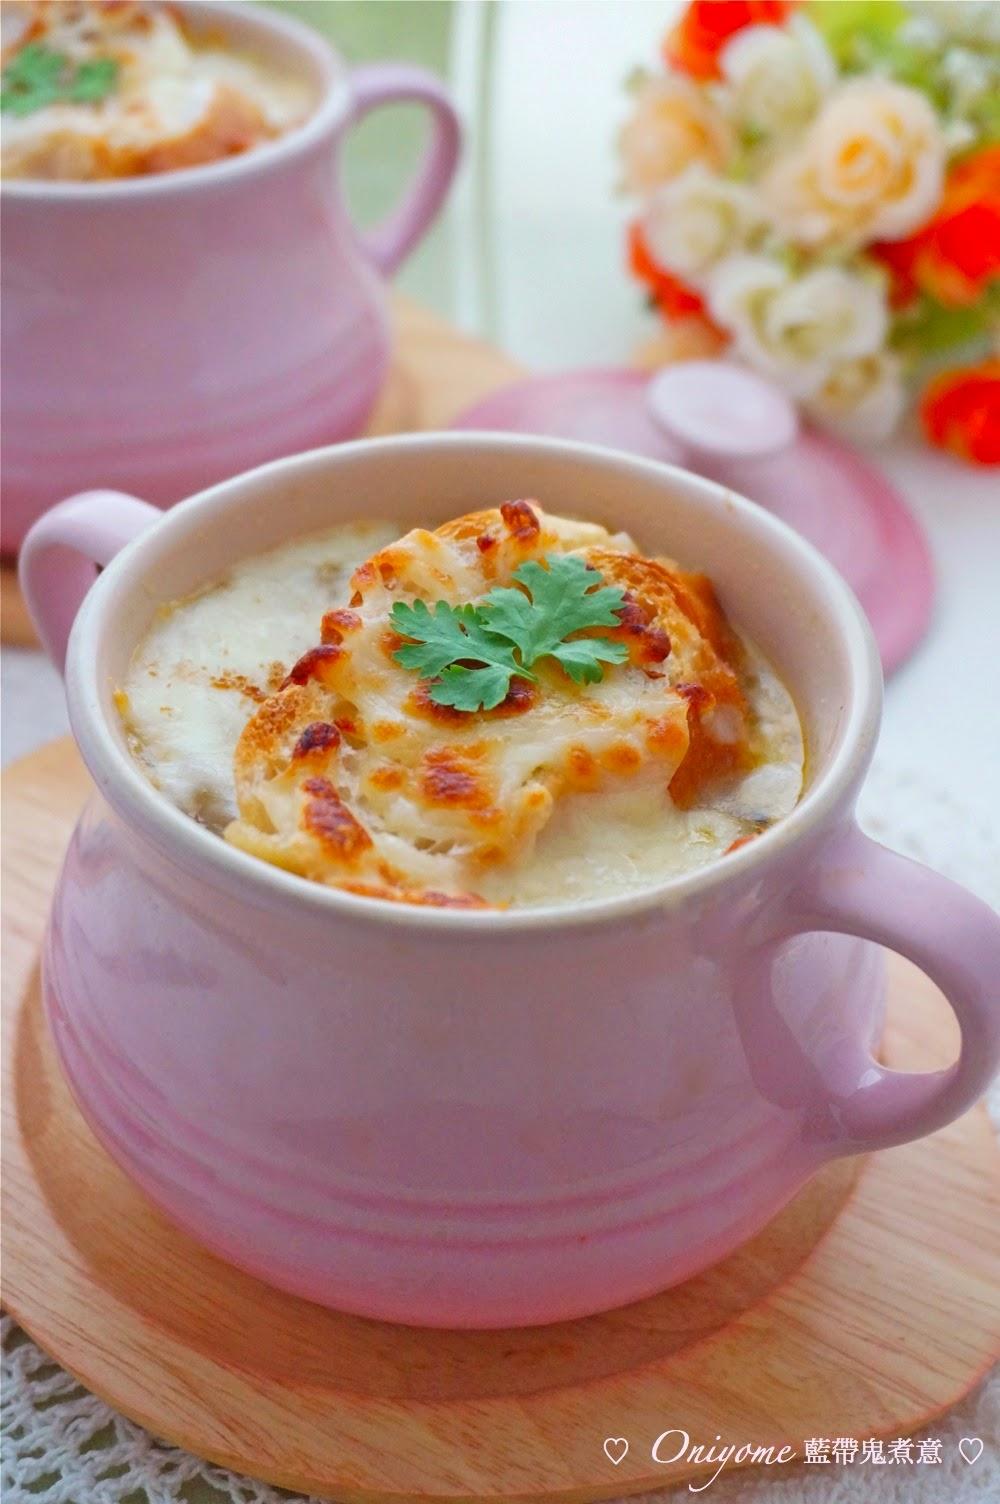 《藍帶鬼煮意》第一彈 - 起航! 藍帶之旅! 附《法式洋蔥湯》食譜